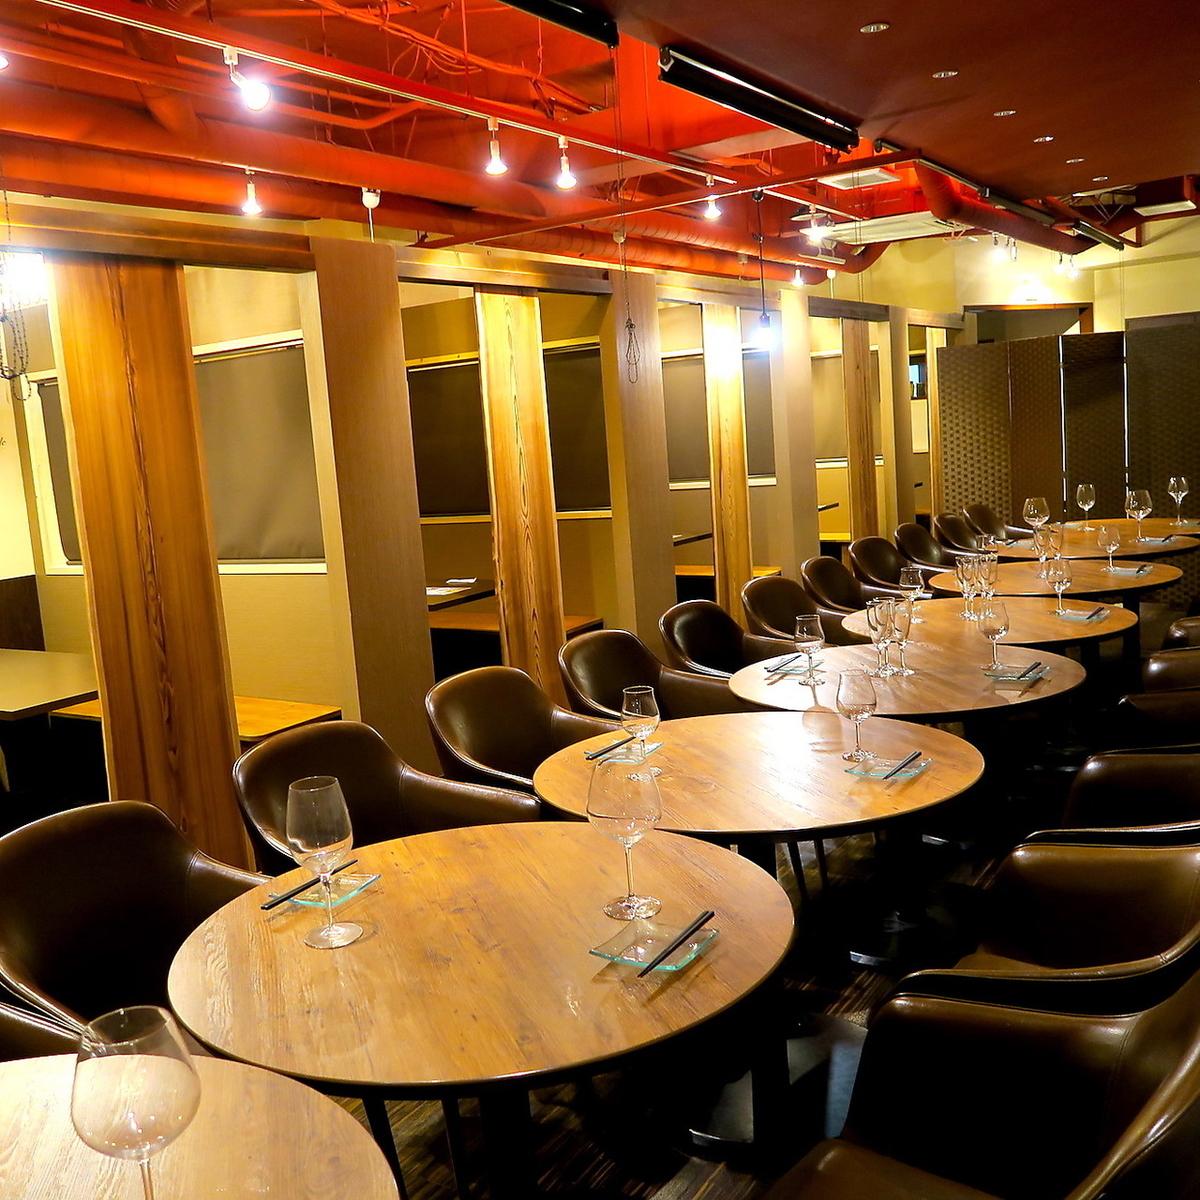 仙台最大的酒吧!宴會最多200人OK!這是我們的標誌之一。這個最大座位數不容易獲得!請用於公司的各種宴會。